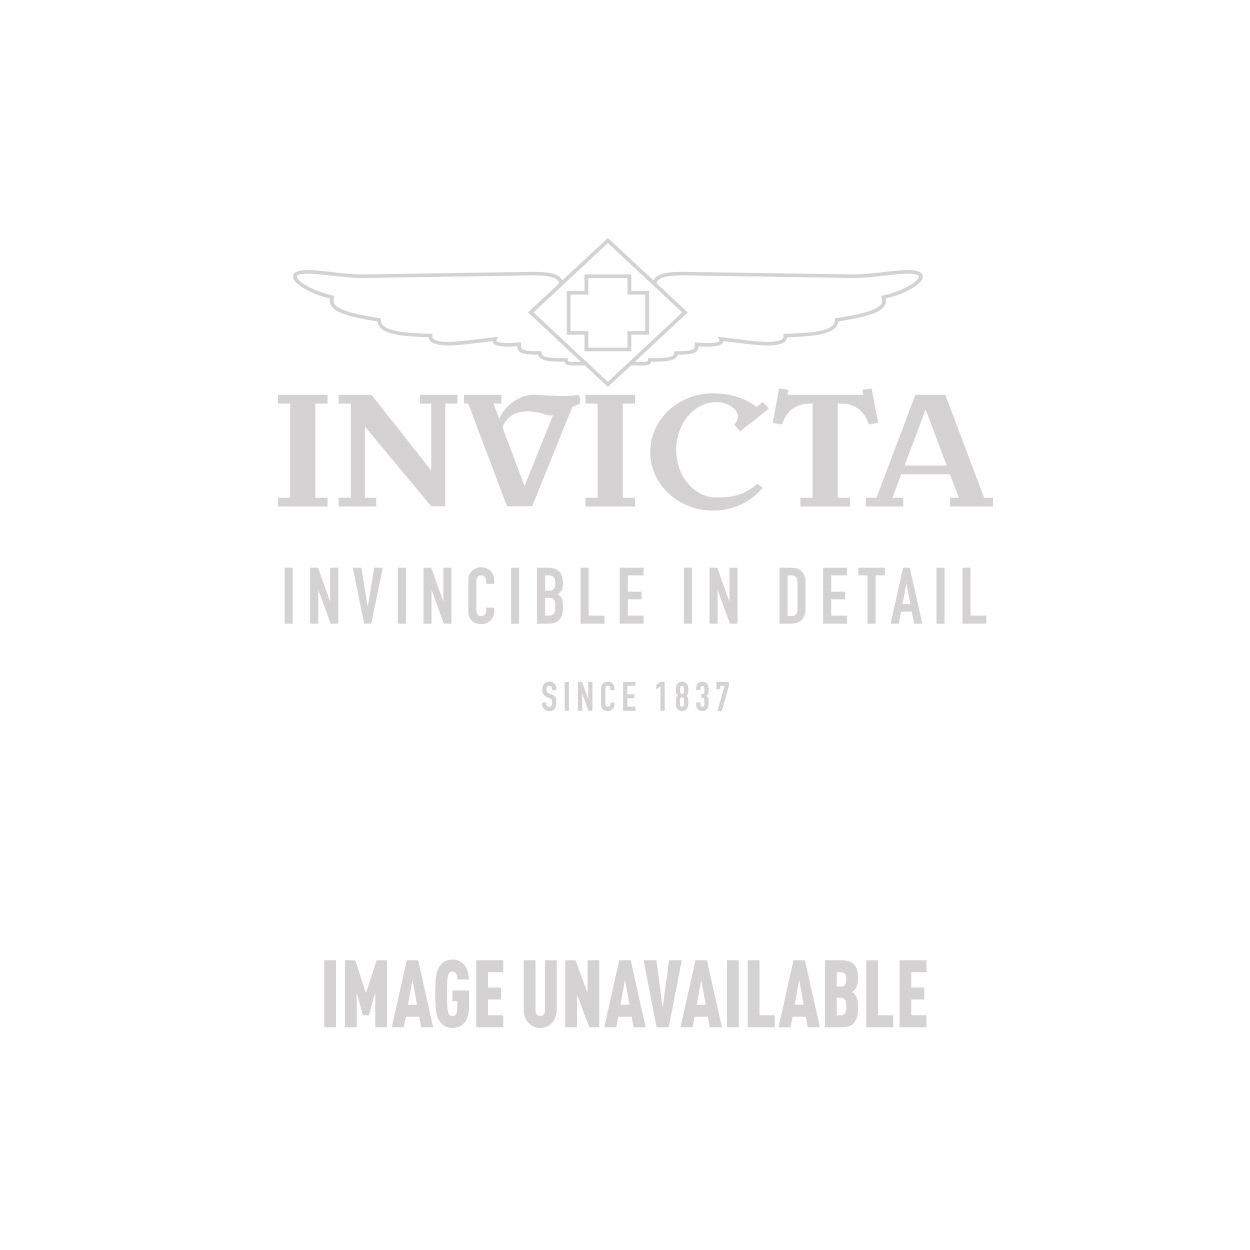 Invicta Model 25467